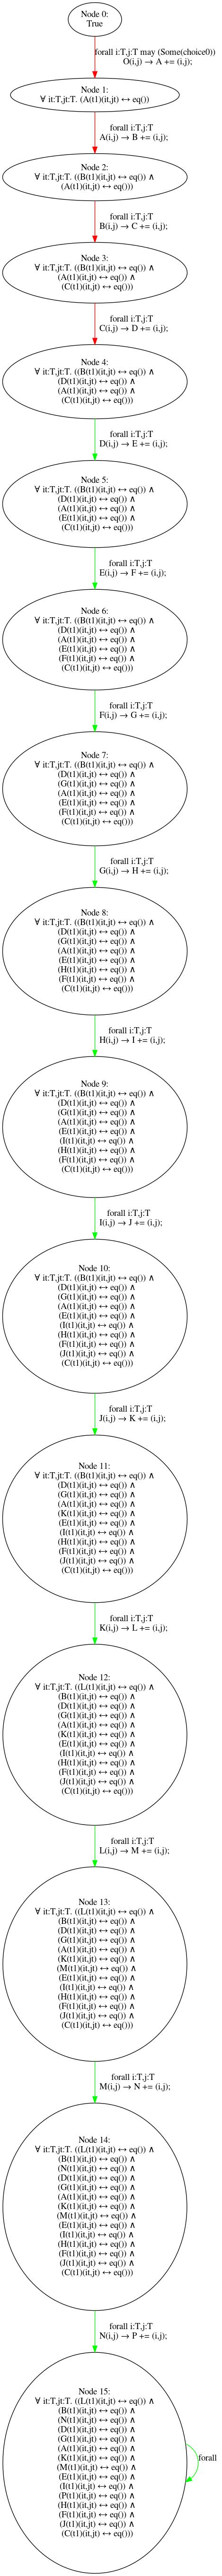 results/nonomitting/fixedarity15/fixedarity15_stubborn_alleq_12.png